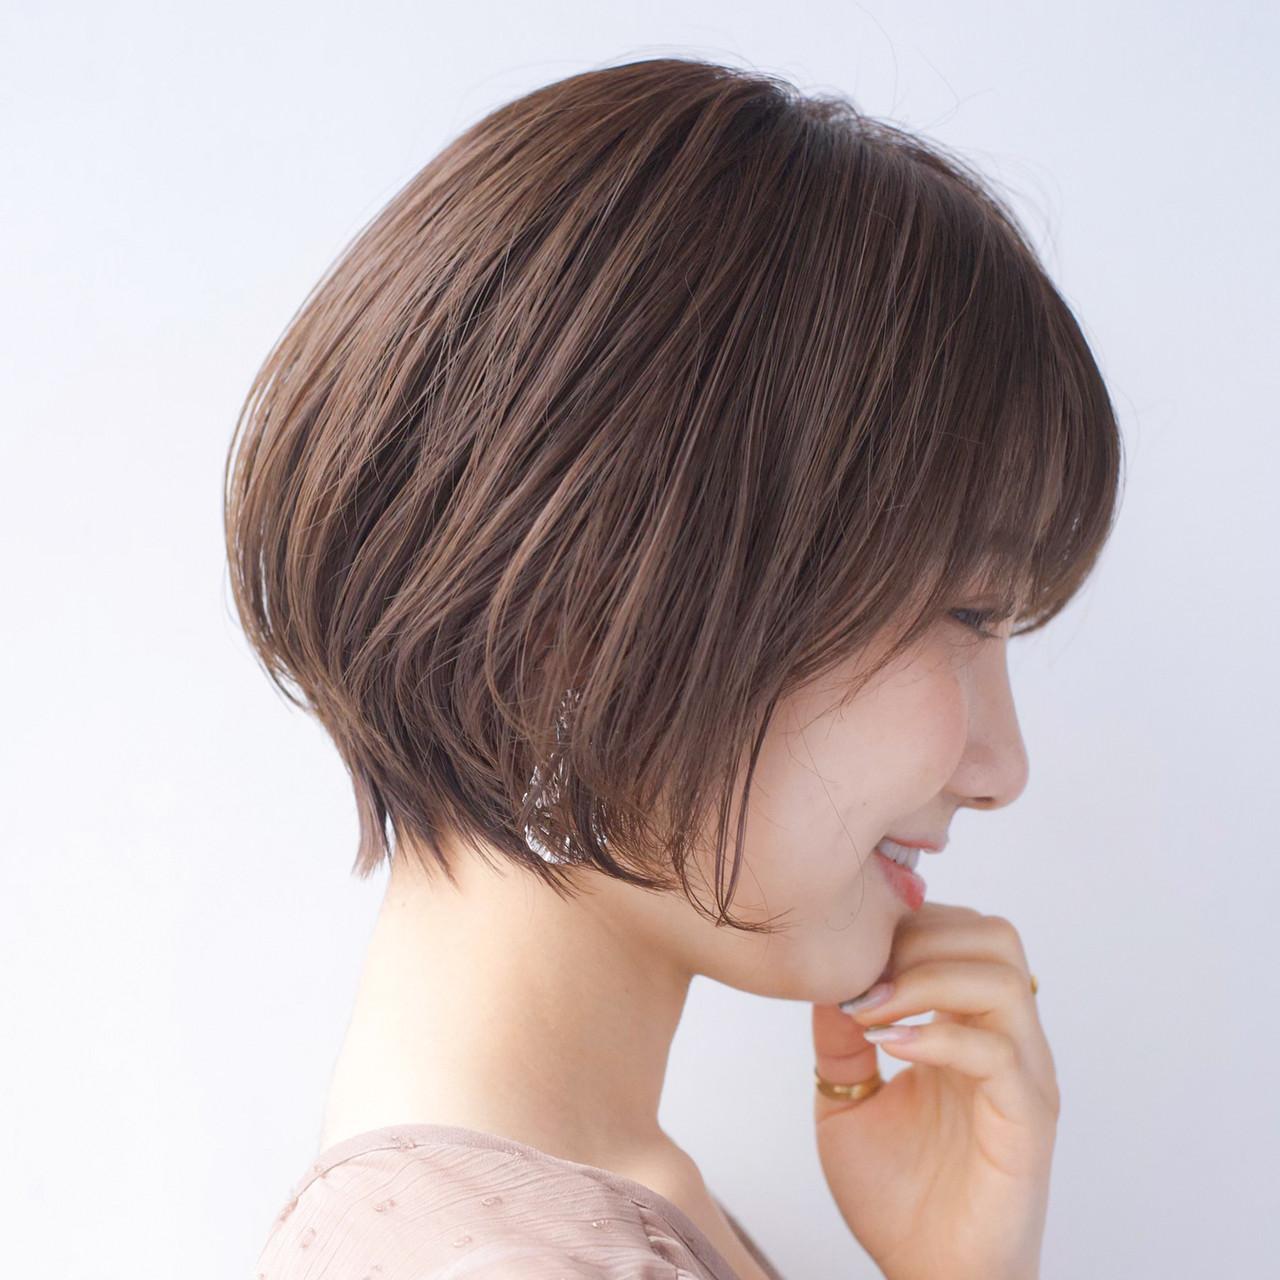 大人かわいい 小顔ショート ナチュラル アンニュイほつれヘア ヘアスタイルや髪型の写真・画像 | LIPPS銀座 安田愛佳 / LIPPS 銀座